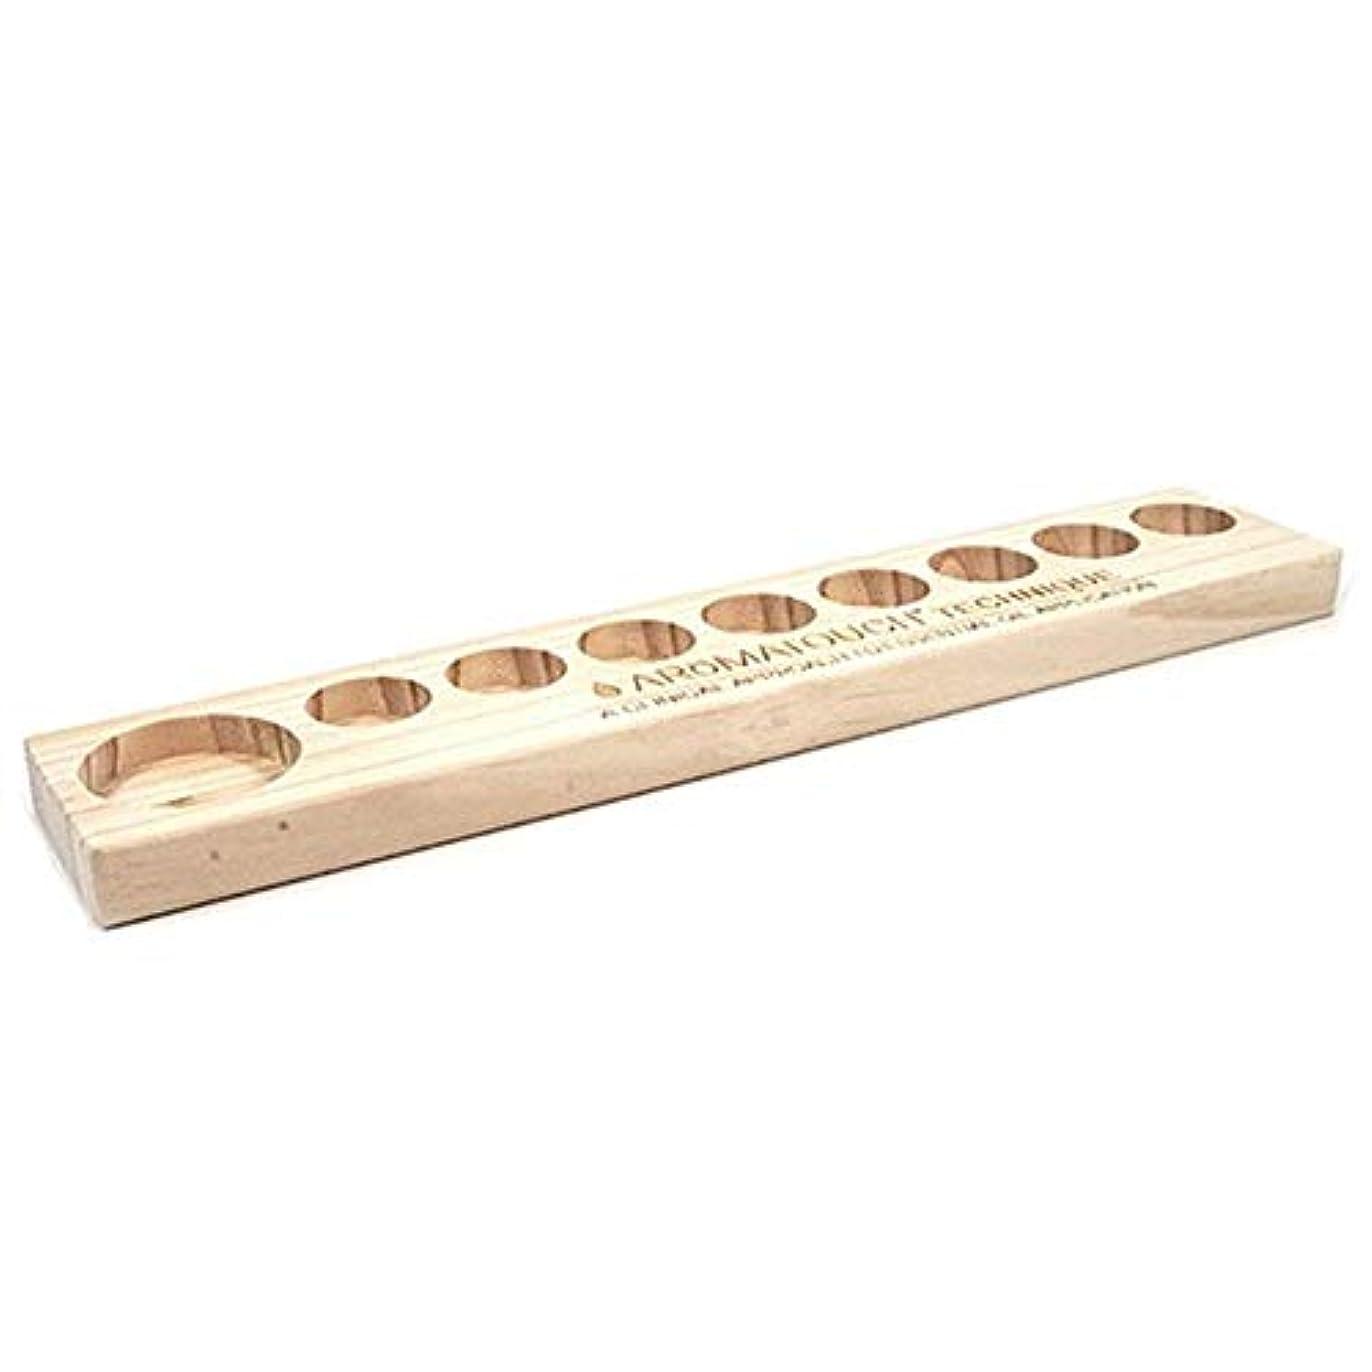 たっぷりコインピザエッセンシャルオイルの保管 9スロット木製エッセンシャルオイルストレージホルダーはパーフェクトエッセンシャルオイルケースボトル9つの油を保持します (色 : Natural, サイズ : 34.8X5.8X1.9CM)